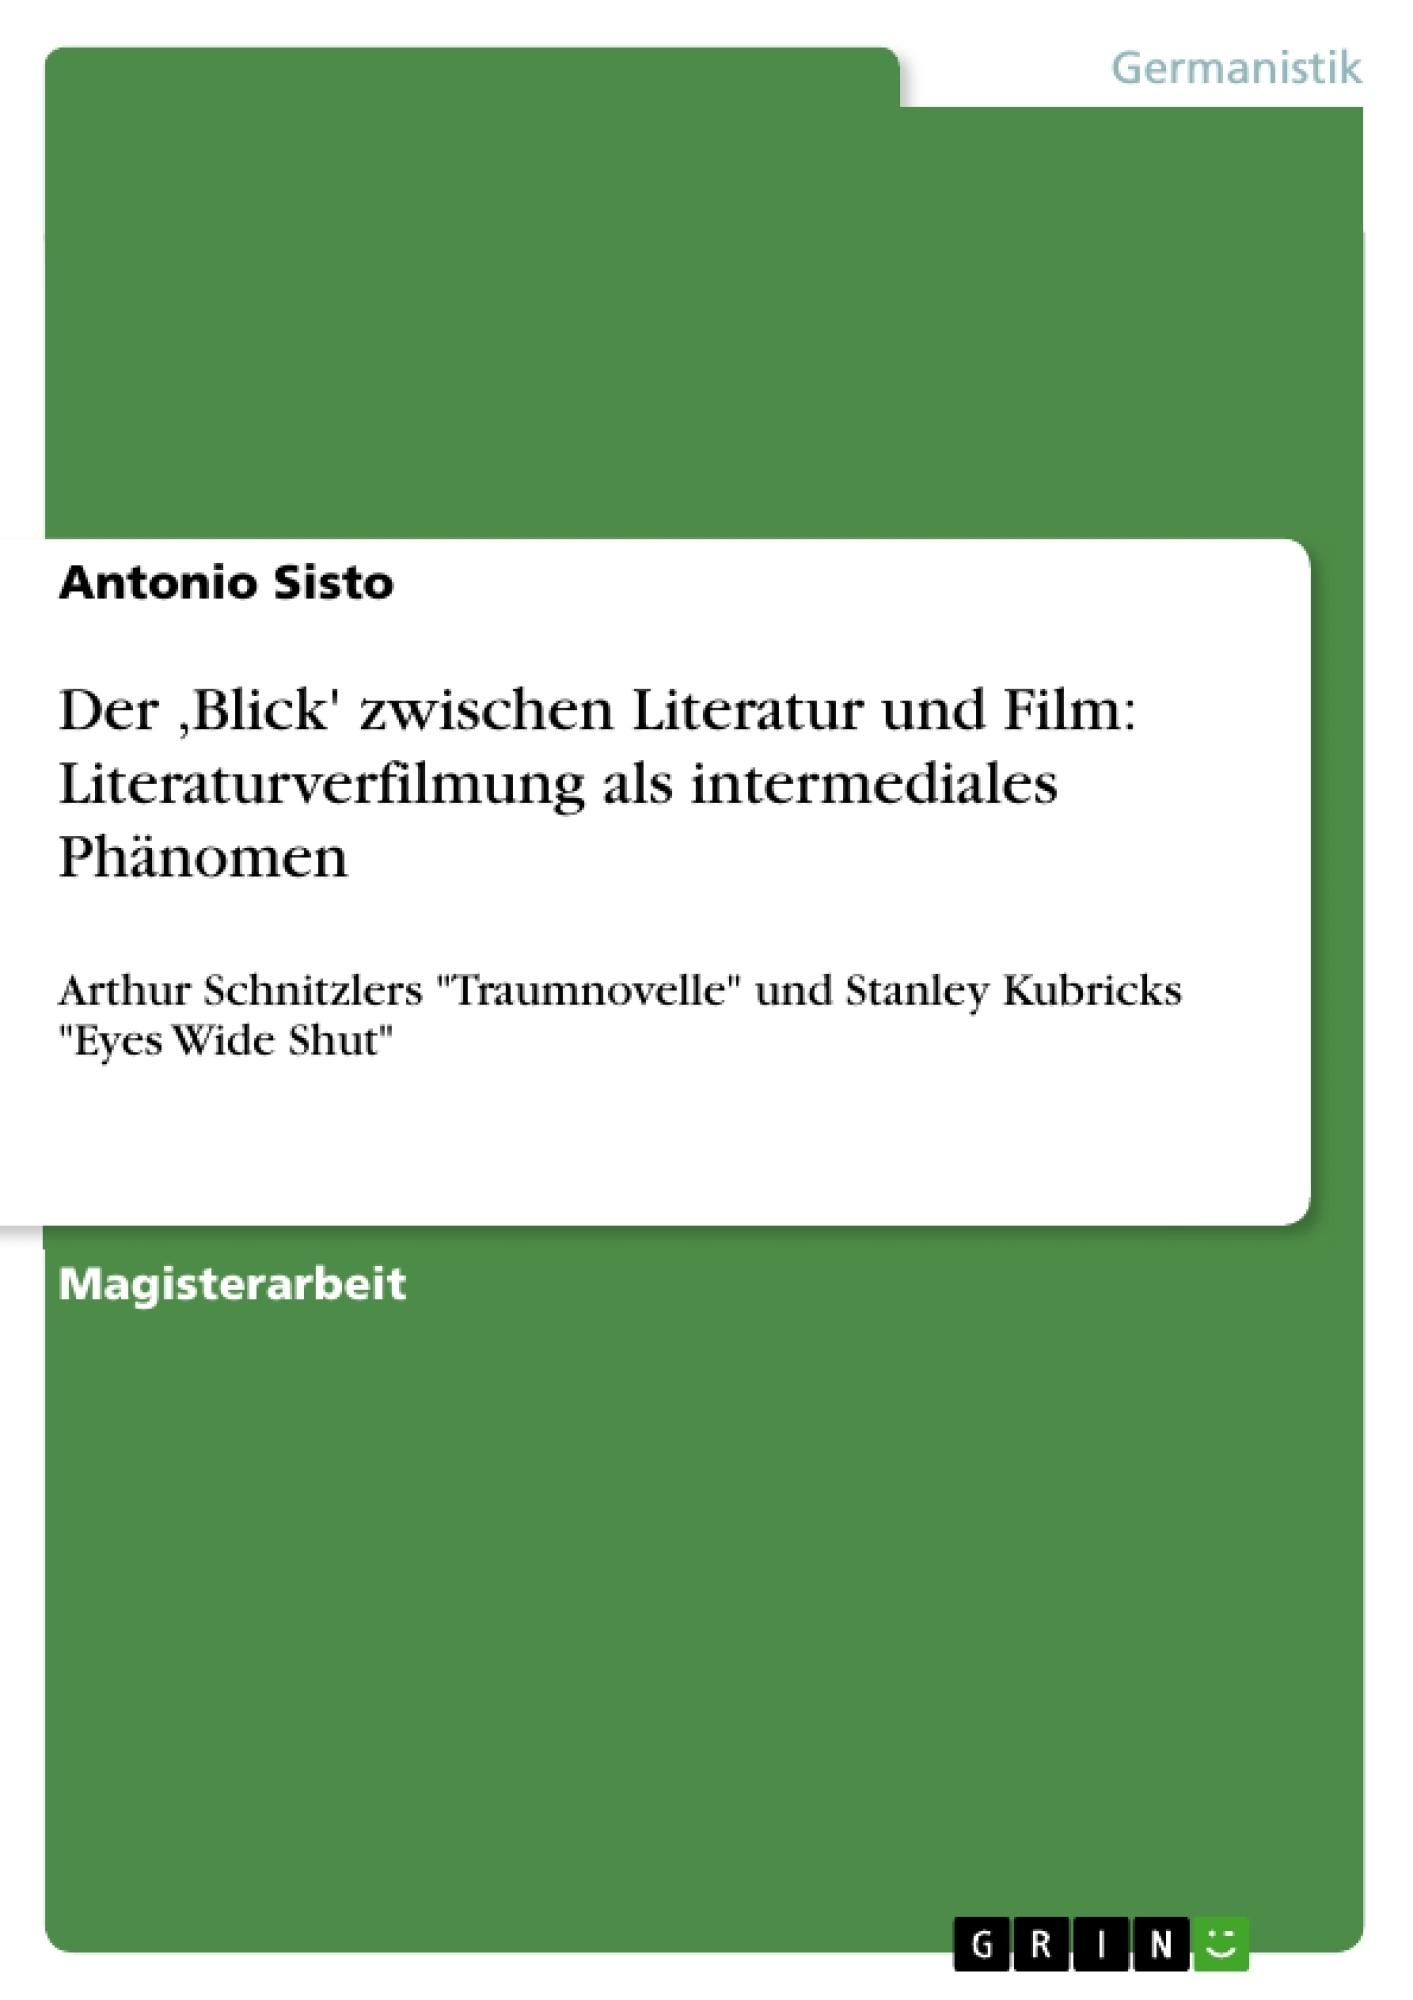 Titel: Der ,Blick' zwischen Literatur und Film: Literaturverfilmung als intermediales Phänomen